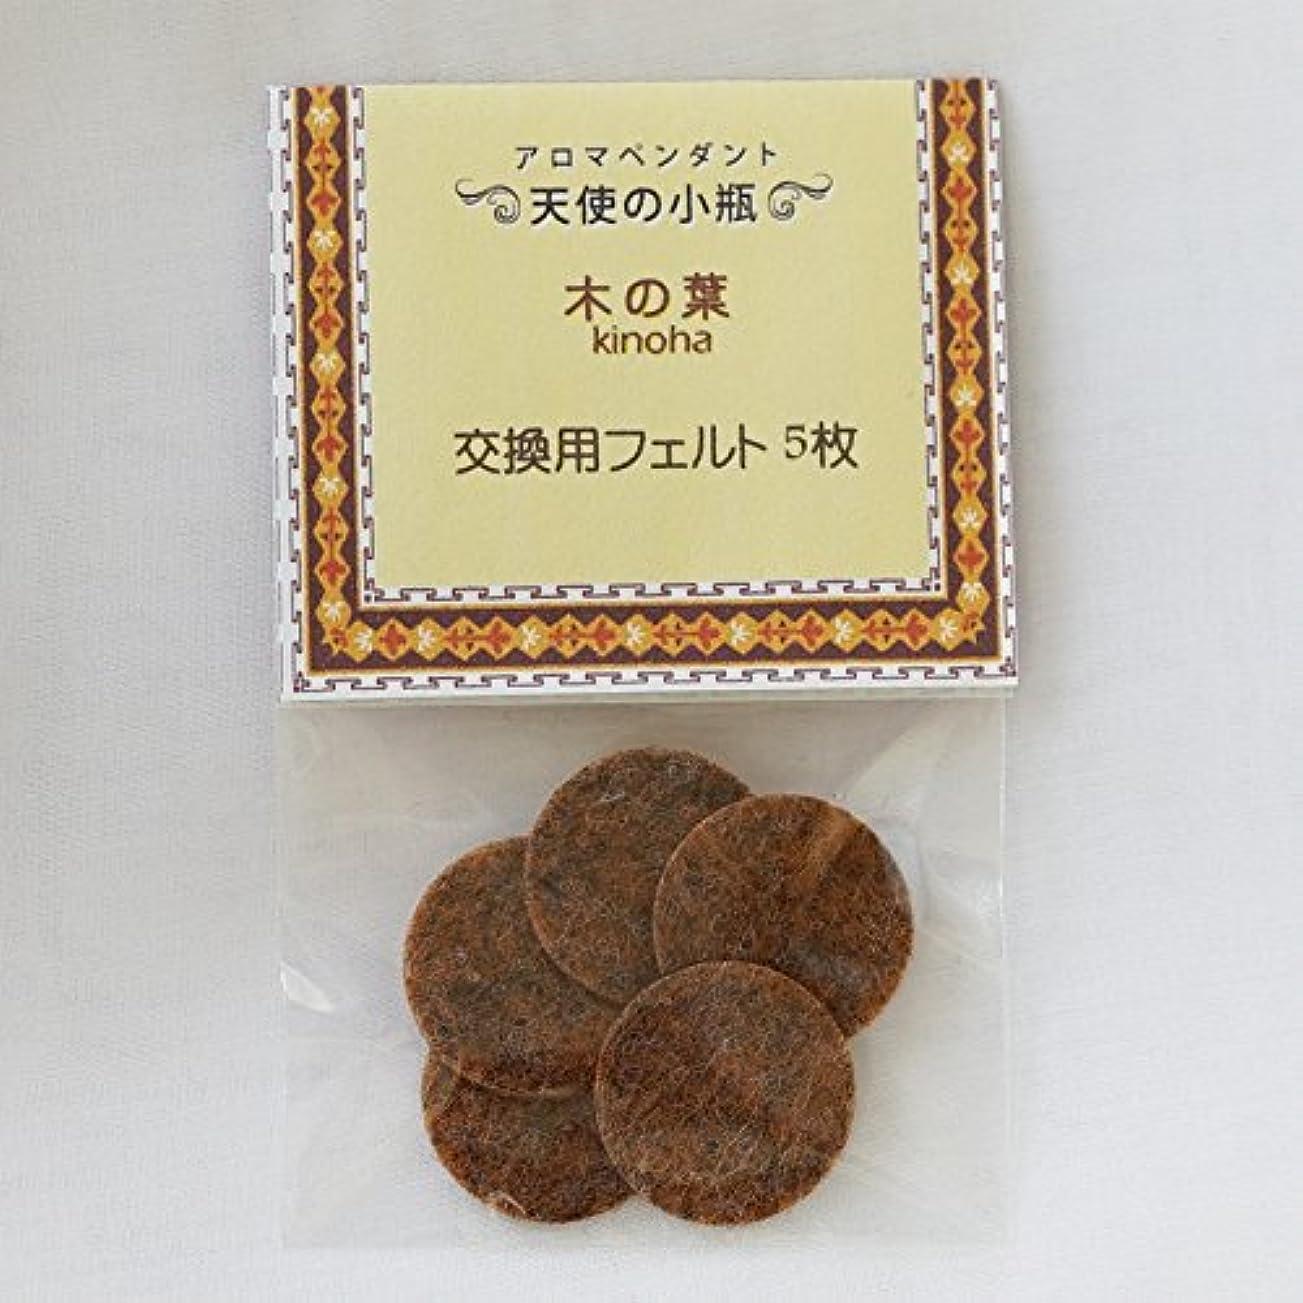 条件付き文明化活力【天使の小瓶】 木の葉(ゴールド)交換用フェルト5枚